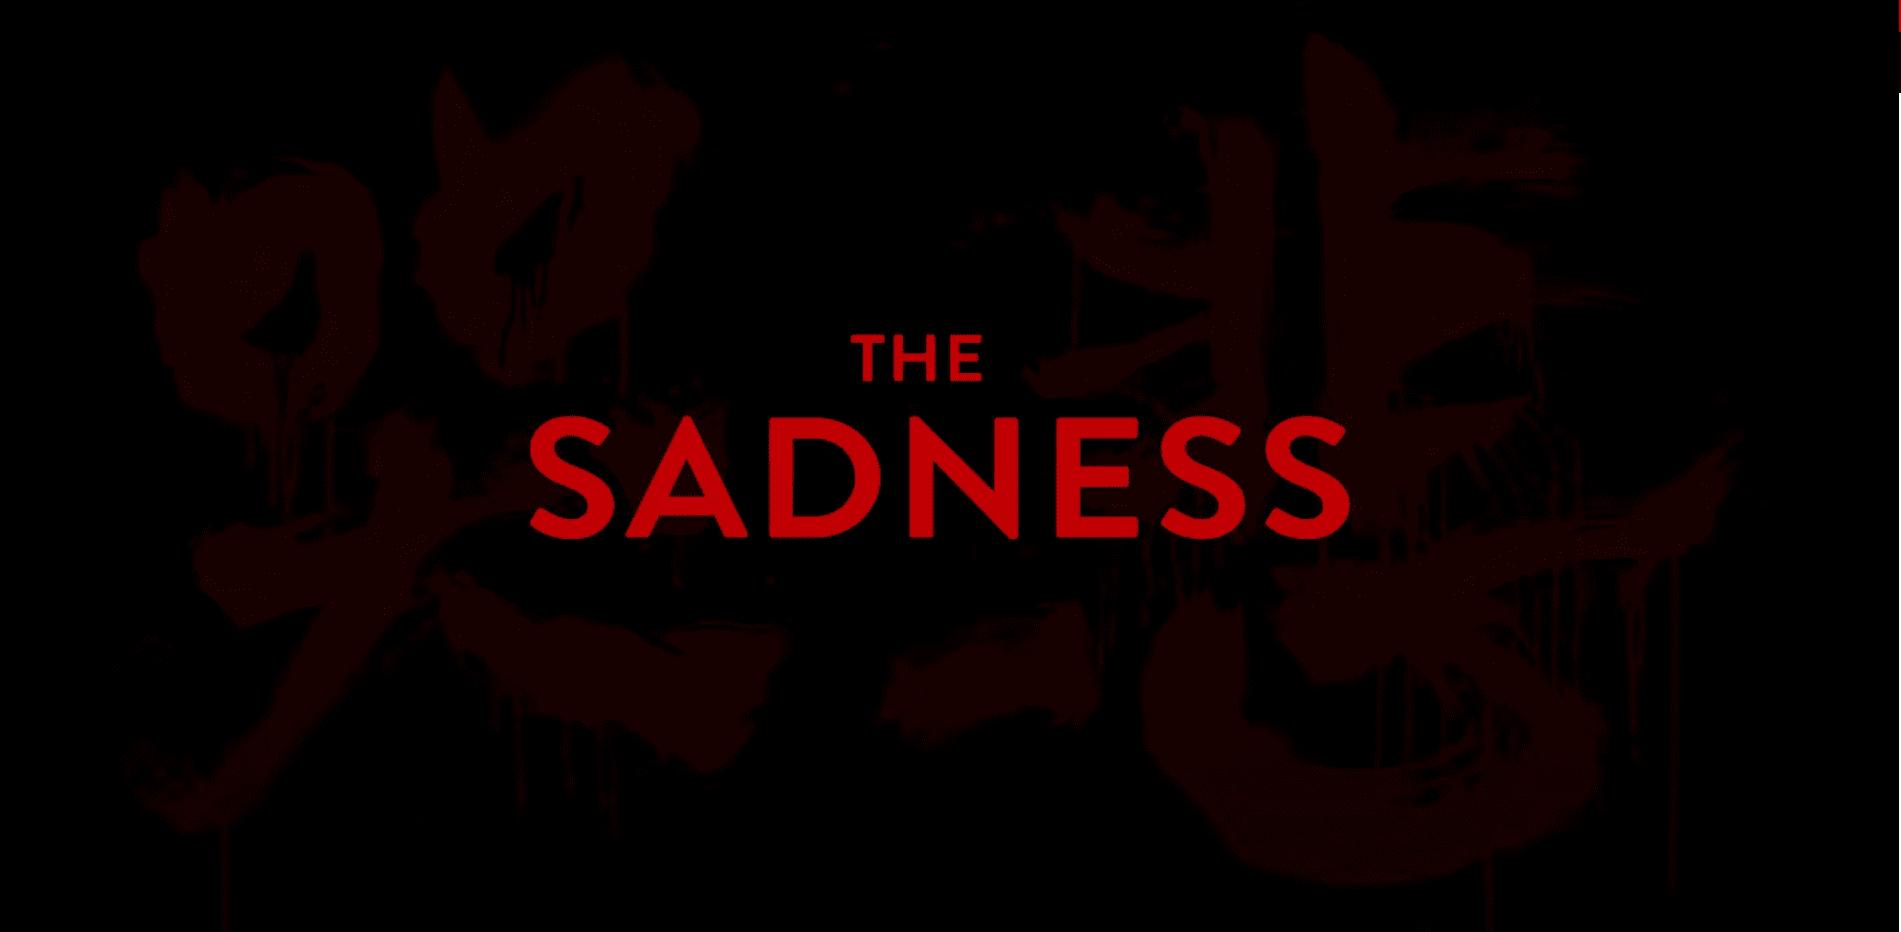 The Sadness 1